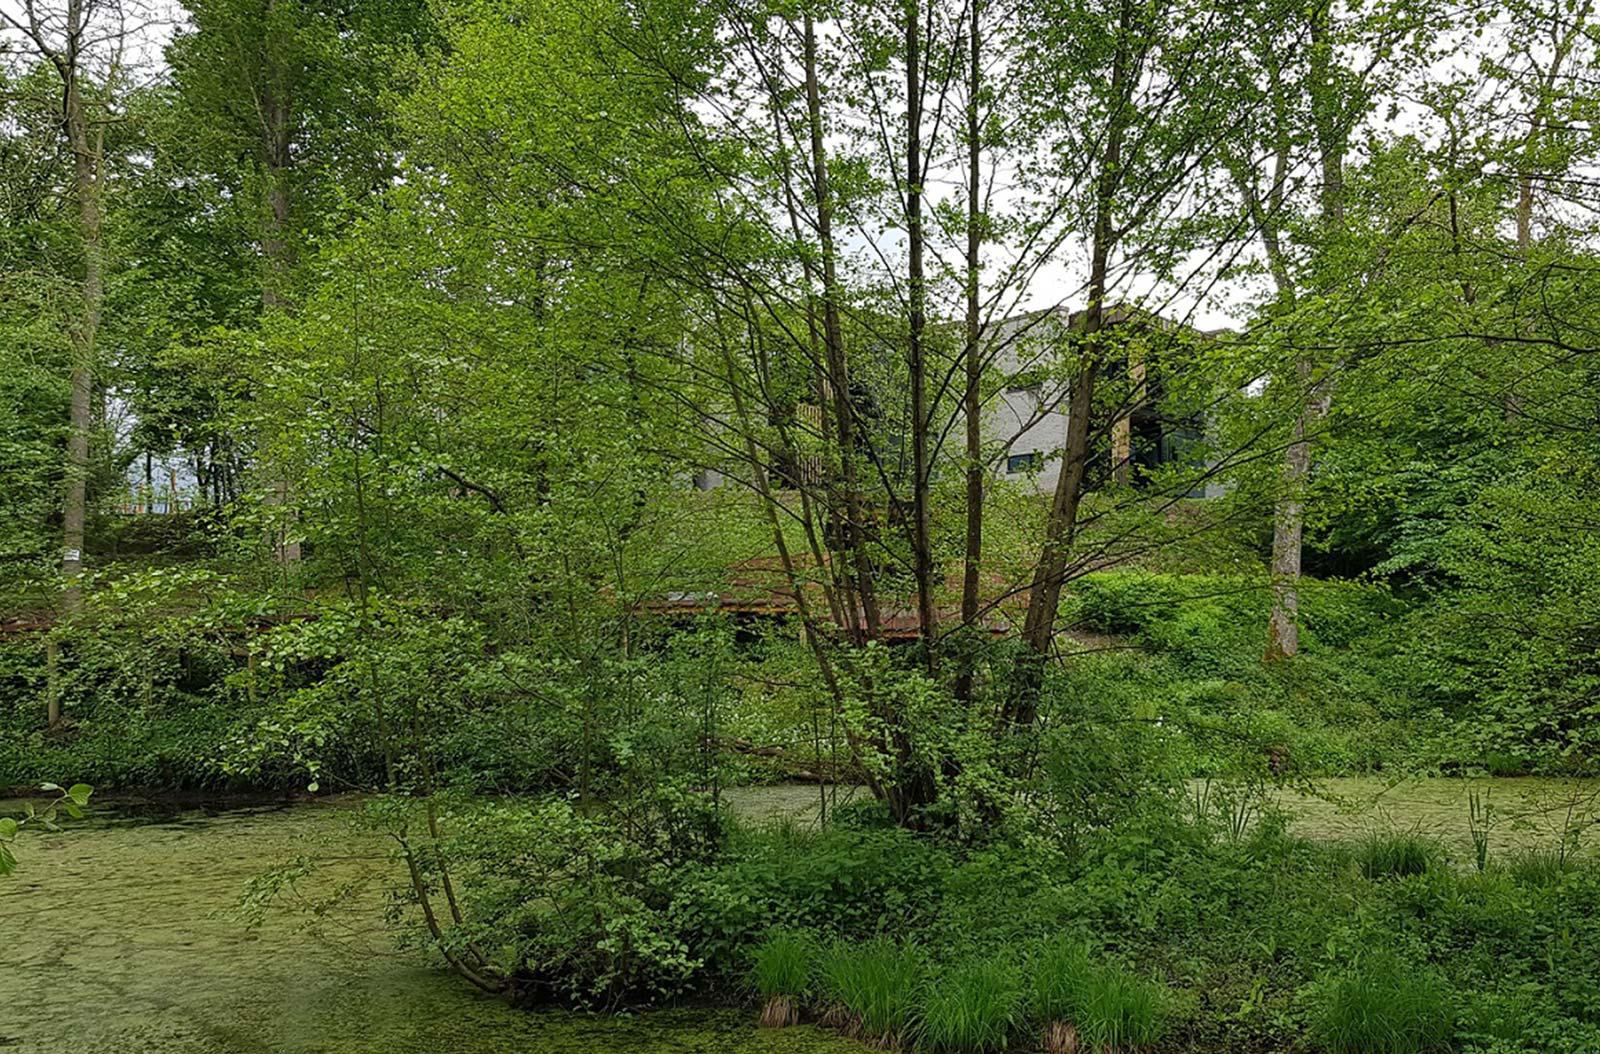 En skov med grønne træer og en sø, hvor man kan ane en hospicet i baggrunden